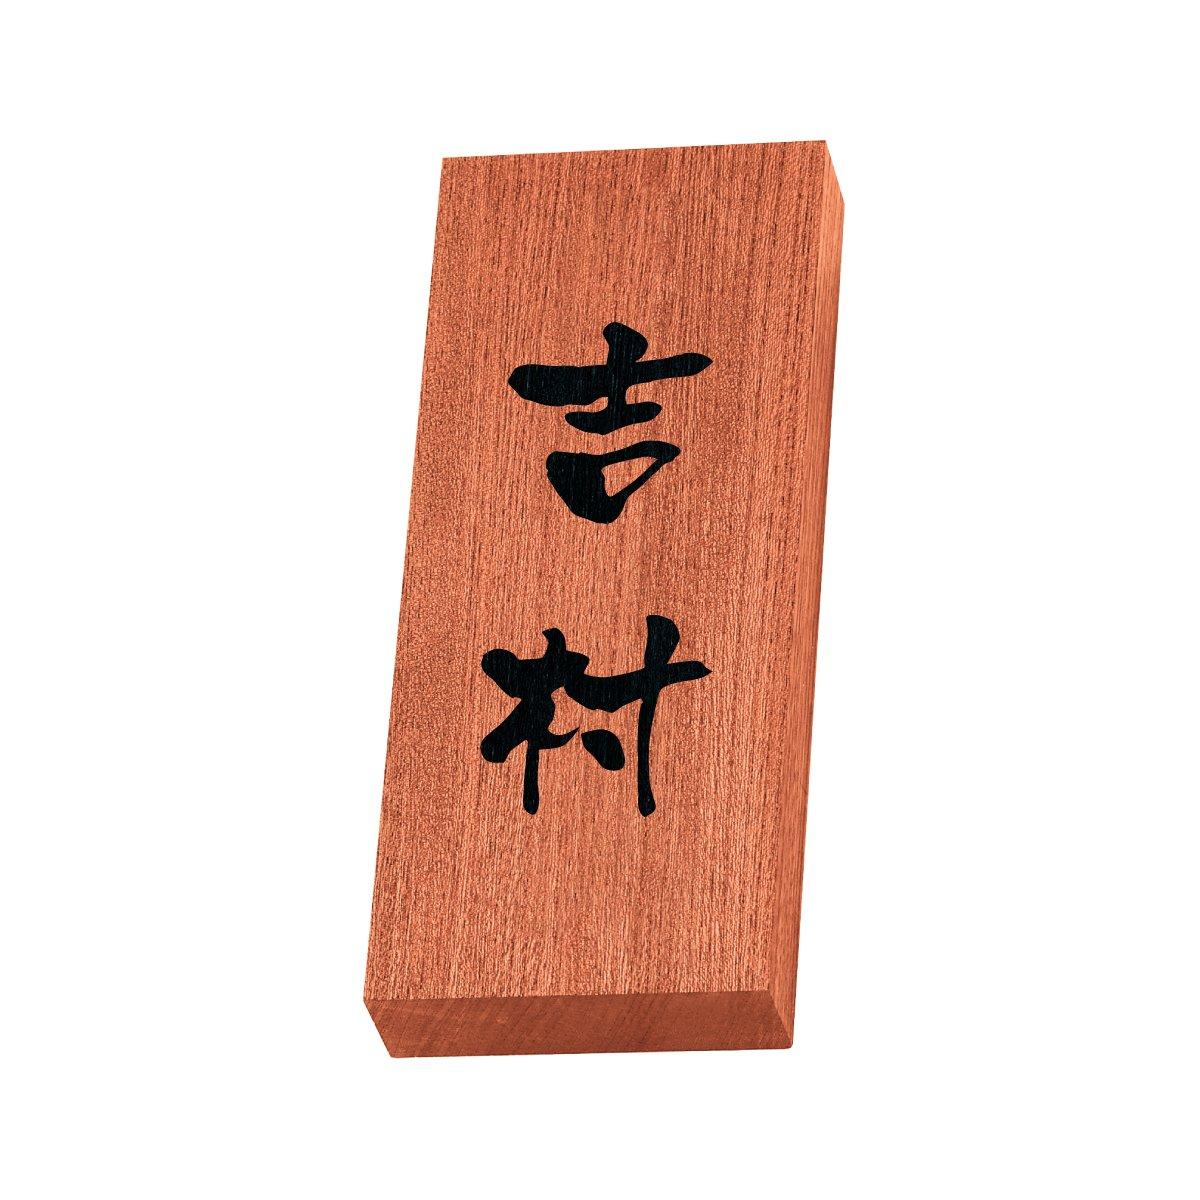 丸三タカギ 彫り込み済表札 天然銘木 KH-8-3-吉村 彫り込み名字: 吉村 【完成品】   B00SM7C58I